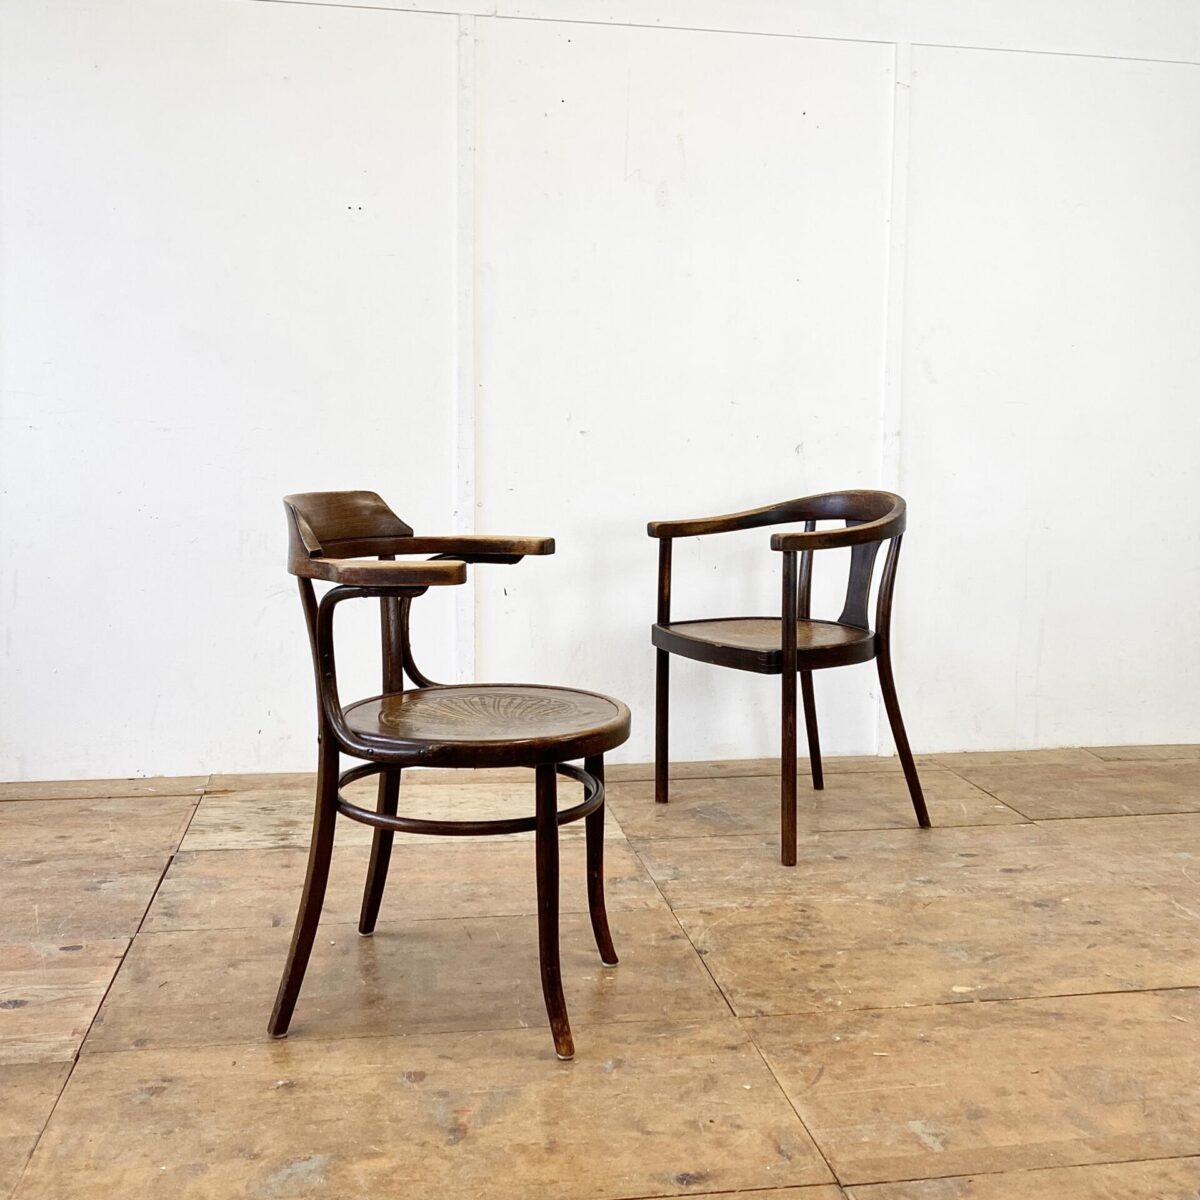 Deuxieme.shop Bugholzstühle. Thonet. Wiener Armlehnstühle in gutem stabilen Zustand. Der Stuhl von Fischel mit dem Krokodil Muster ist 400.- Der andere von Mundus 250.- Die Bugholzstühle haben eine dunkelbraune Alterspatina.